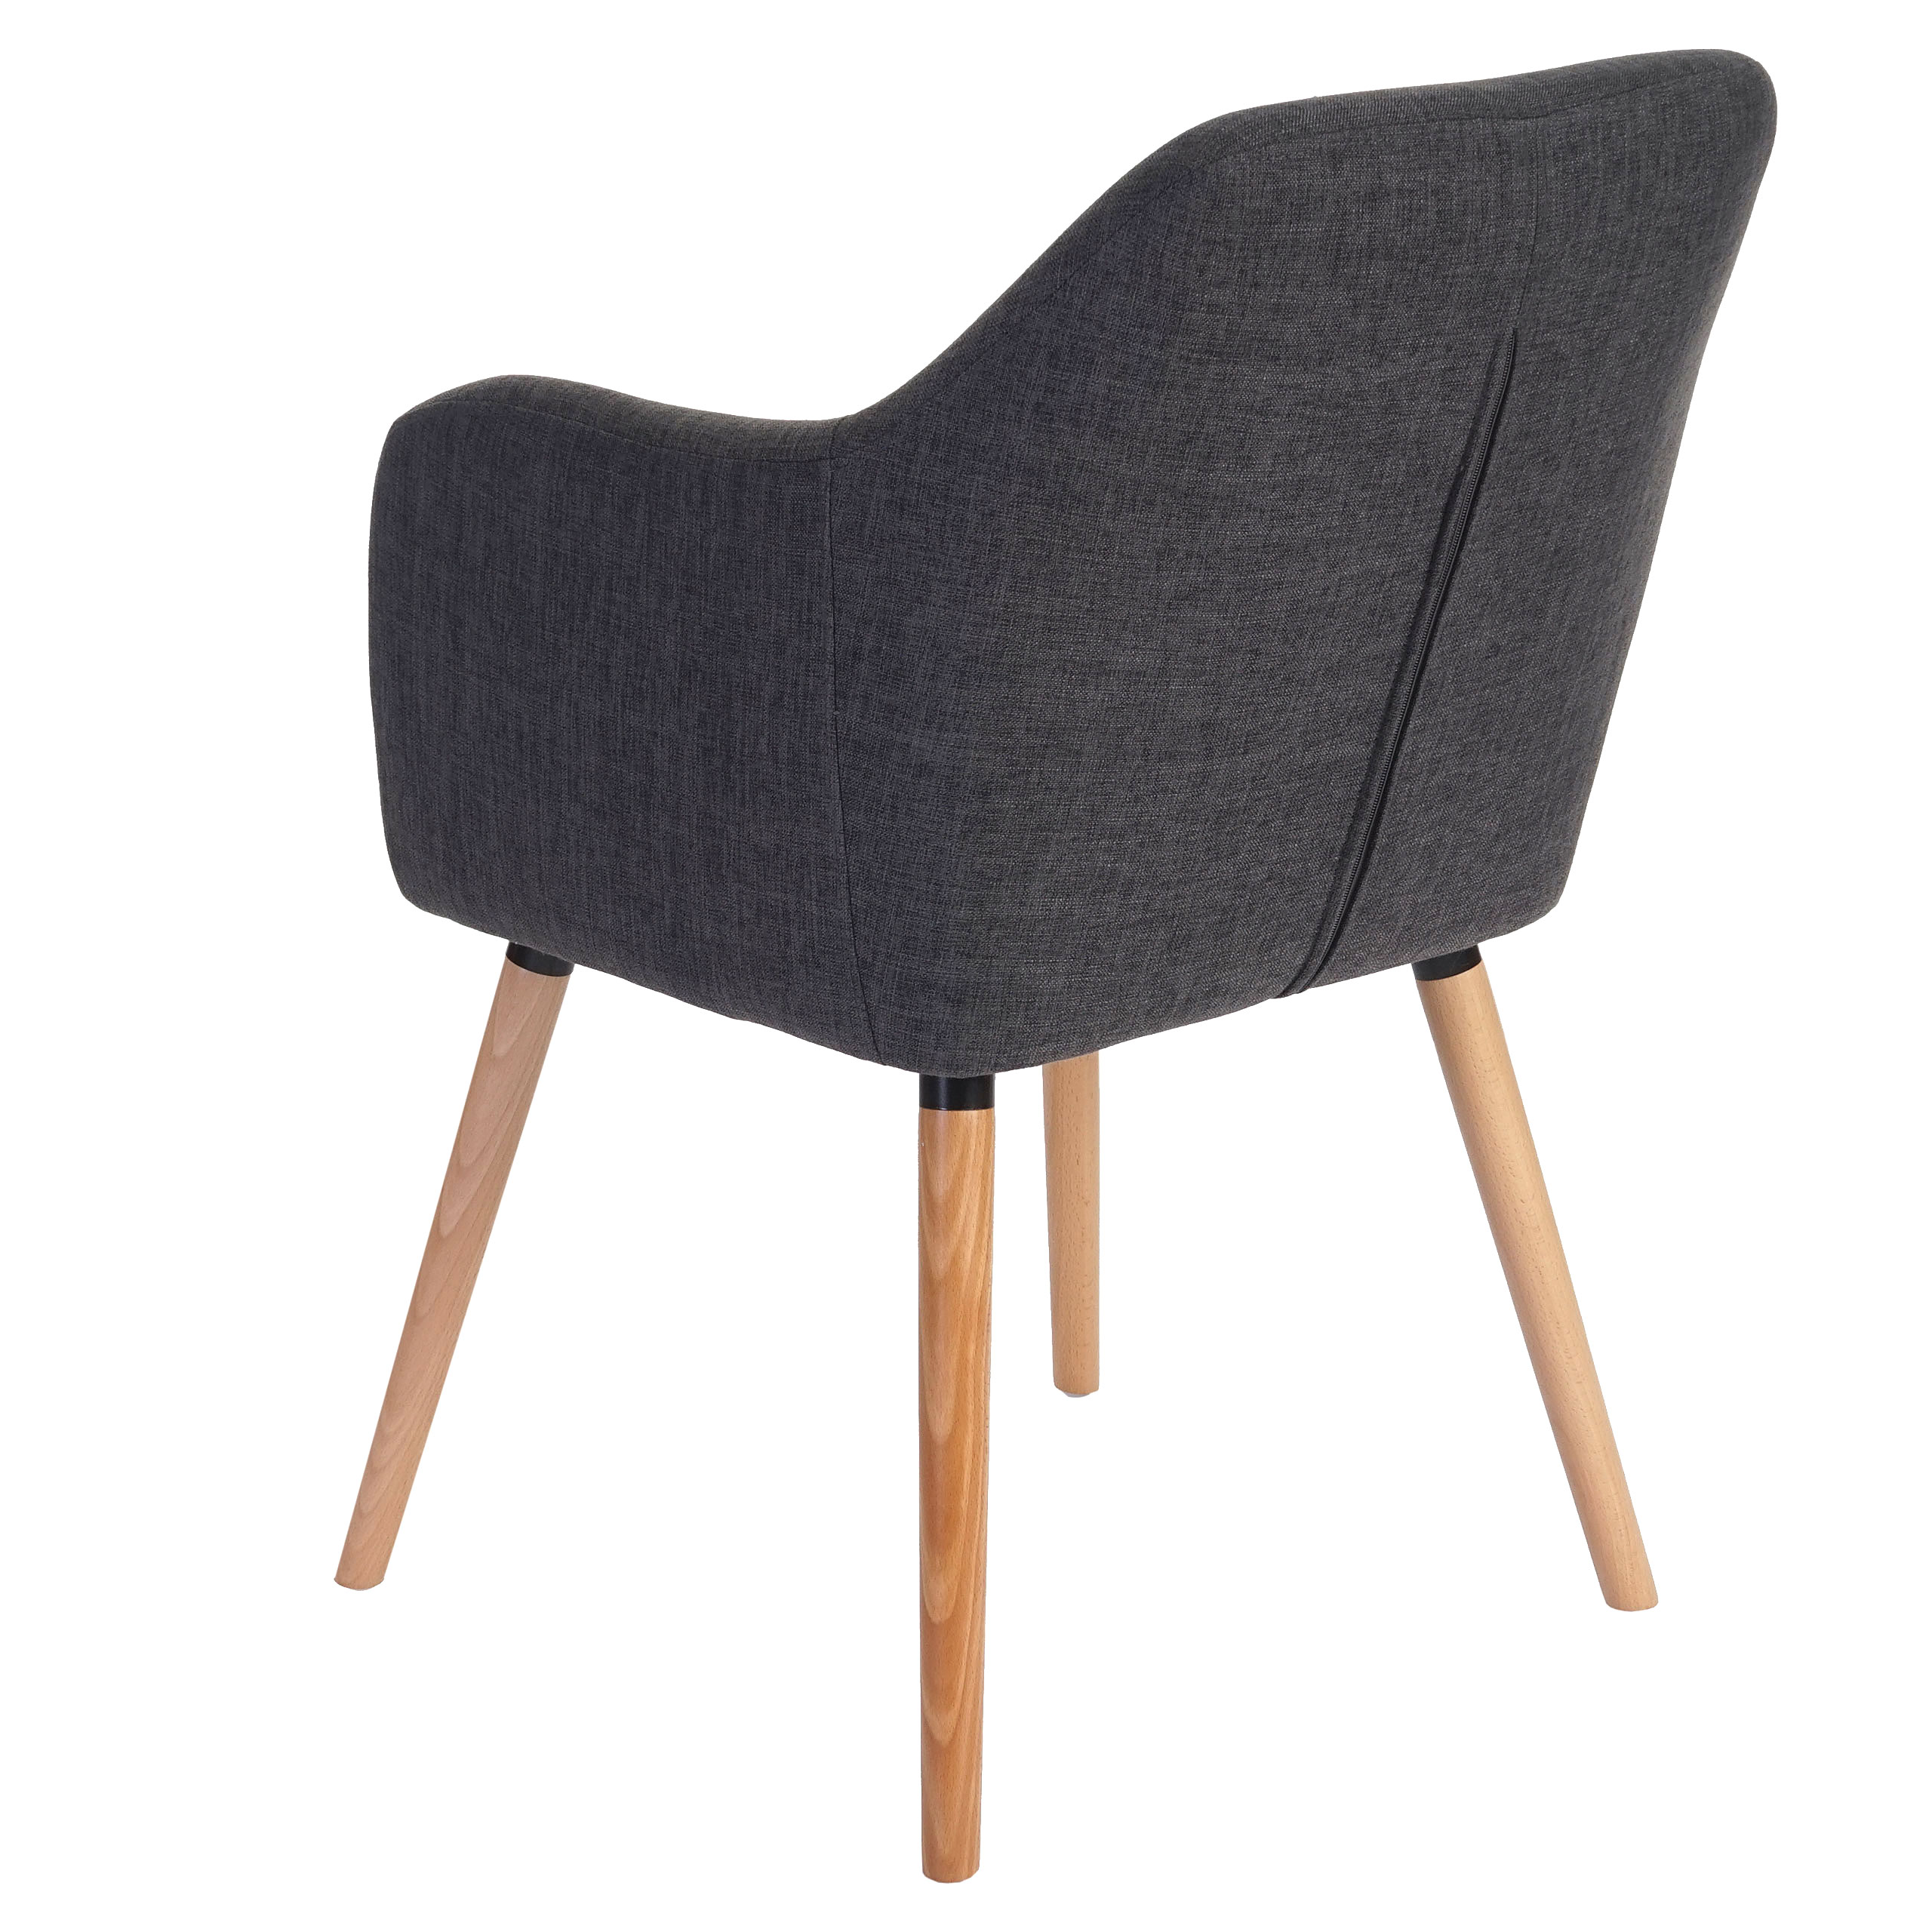 esszimmerstuhl malm t381 stuhl lehnstuhl retro 50er jahre design textil grau. Black Bedroom Furniture Sets. Home Design Ideas